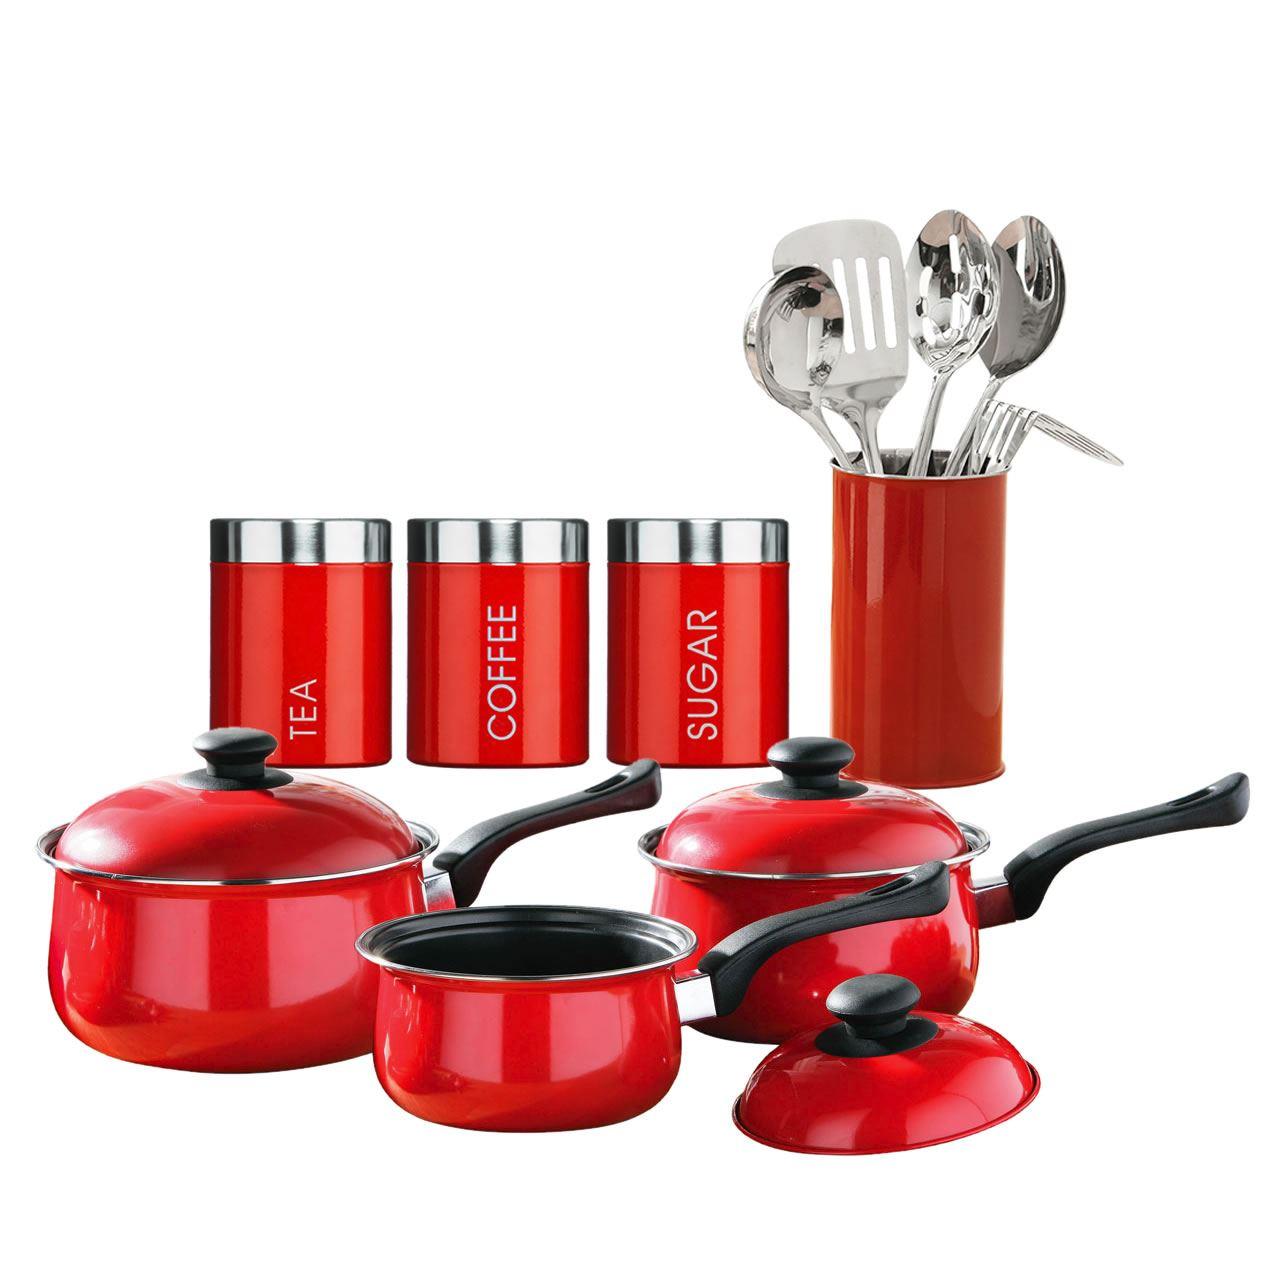 12 piece kitchen starter set tea coffee sugar saucepan for Naaptol kitchen set 70 pieces